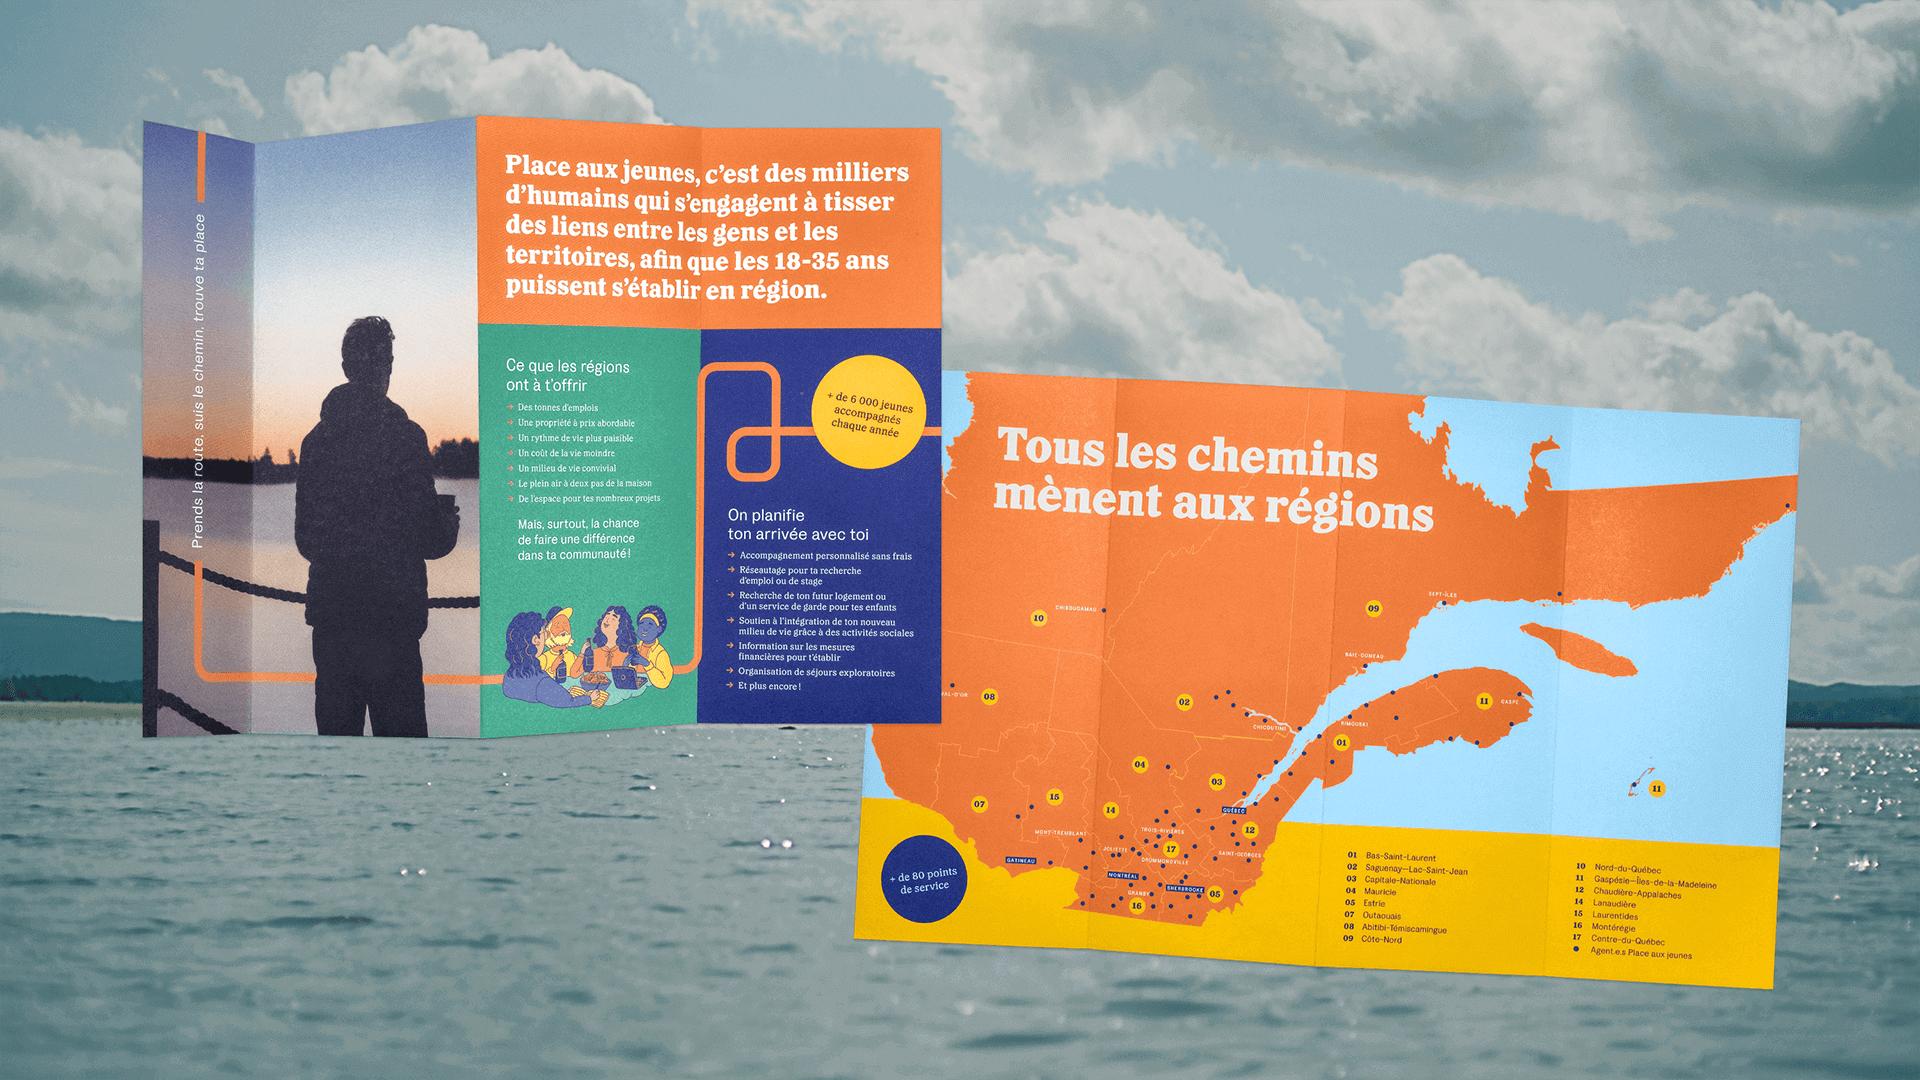 Branding et Campagne publicitaire |Dépliant avec une carte du Québec | Place aux jeunes en région